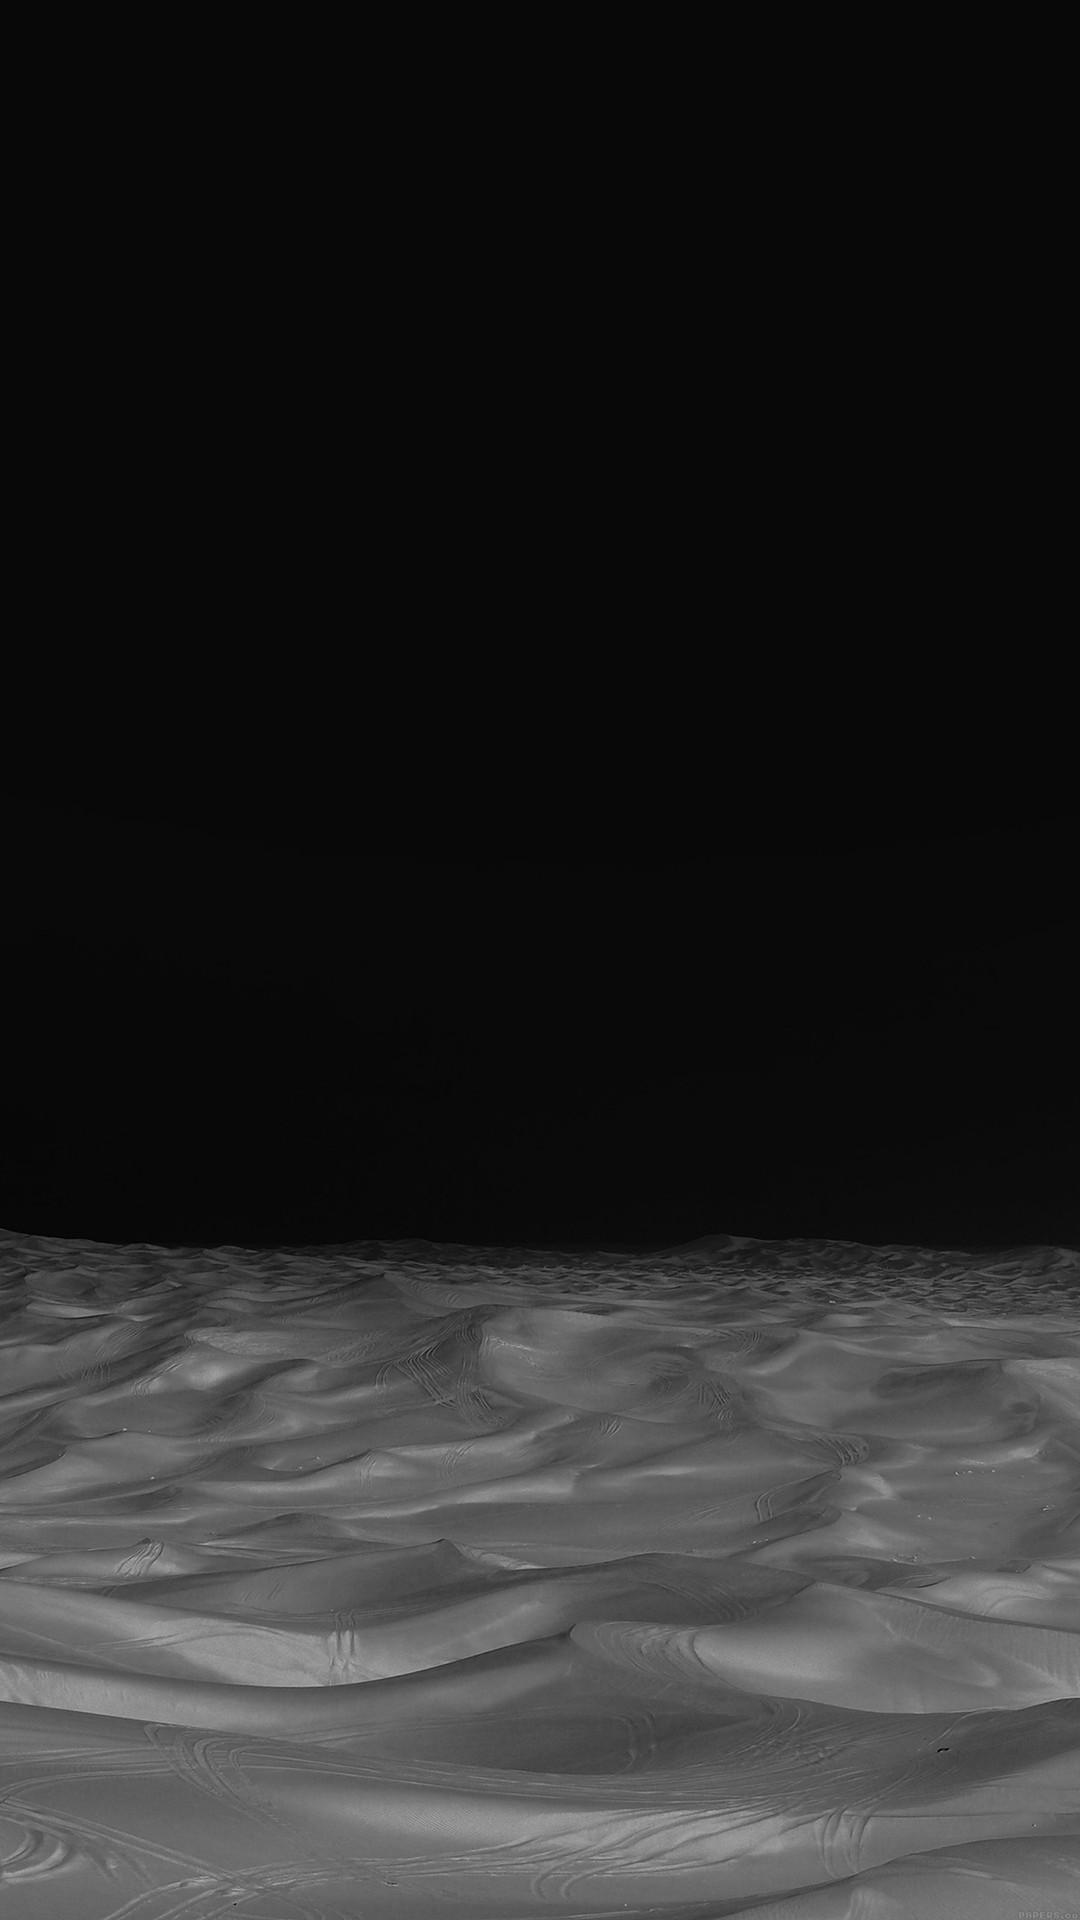 Download 700 Wallpaper Black Minimal HD Terbaik